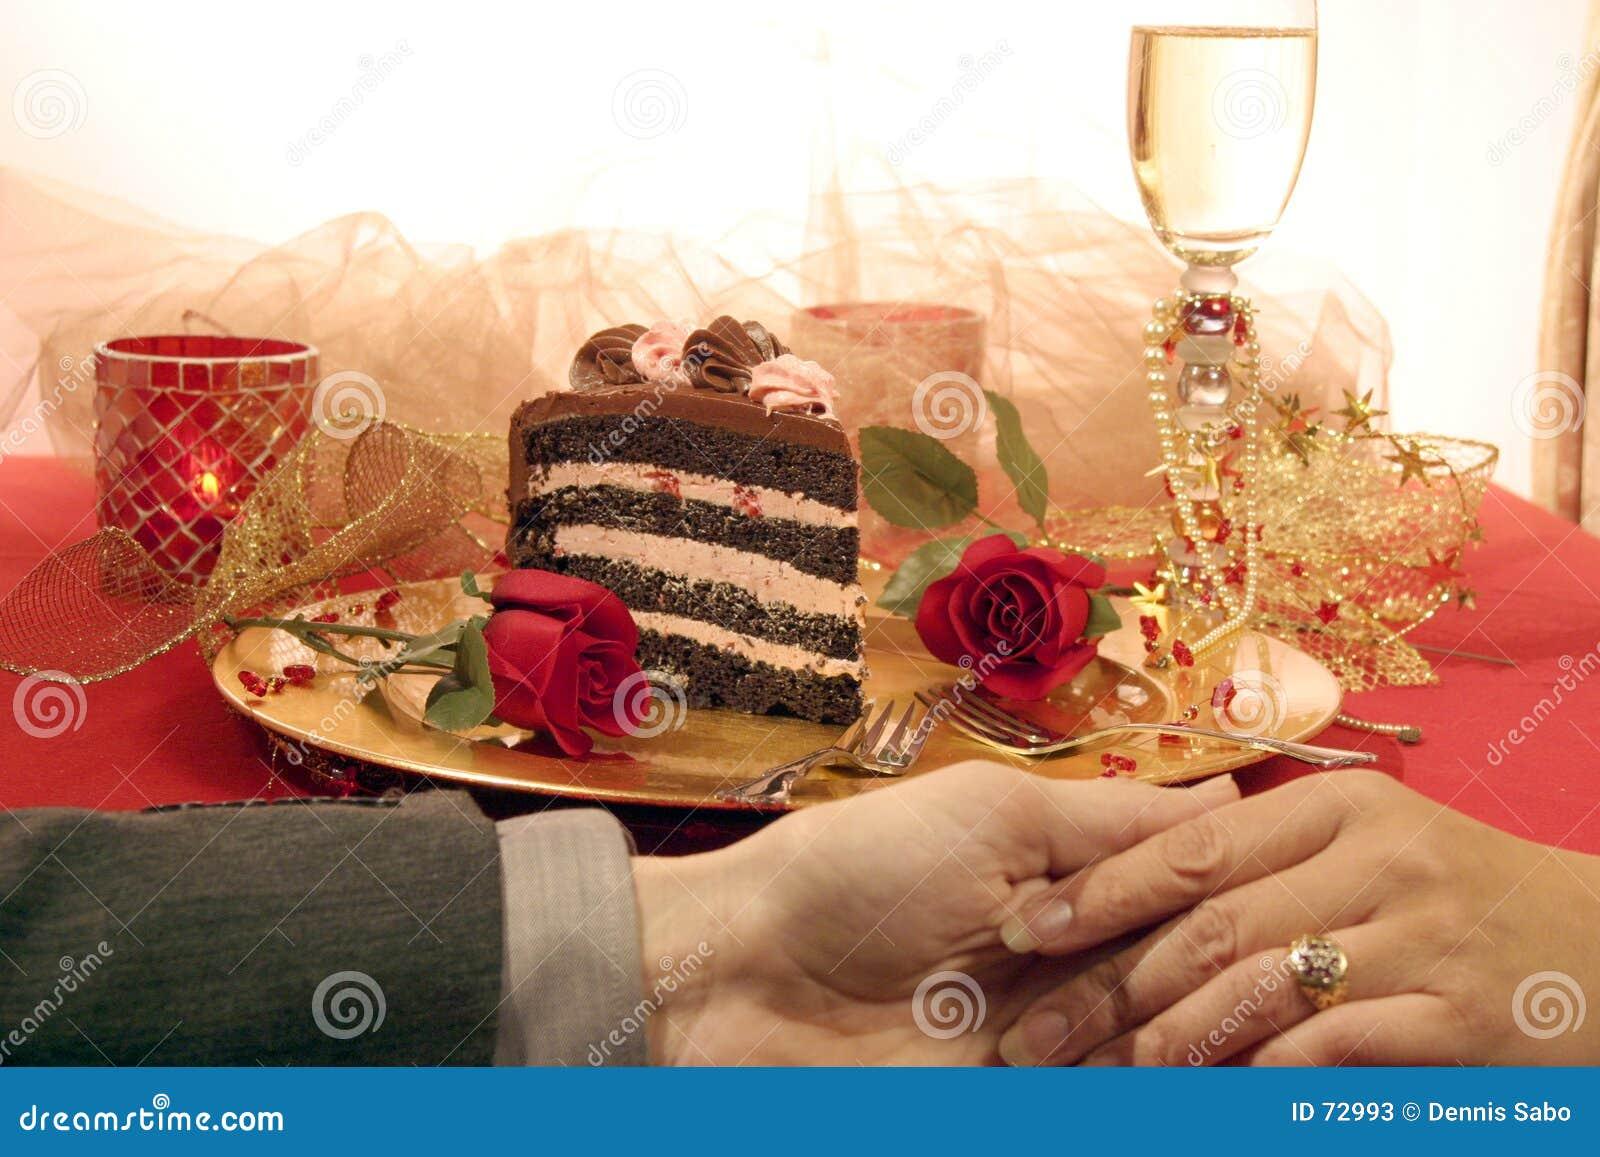 десерт романтичный